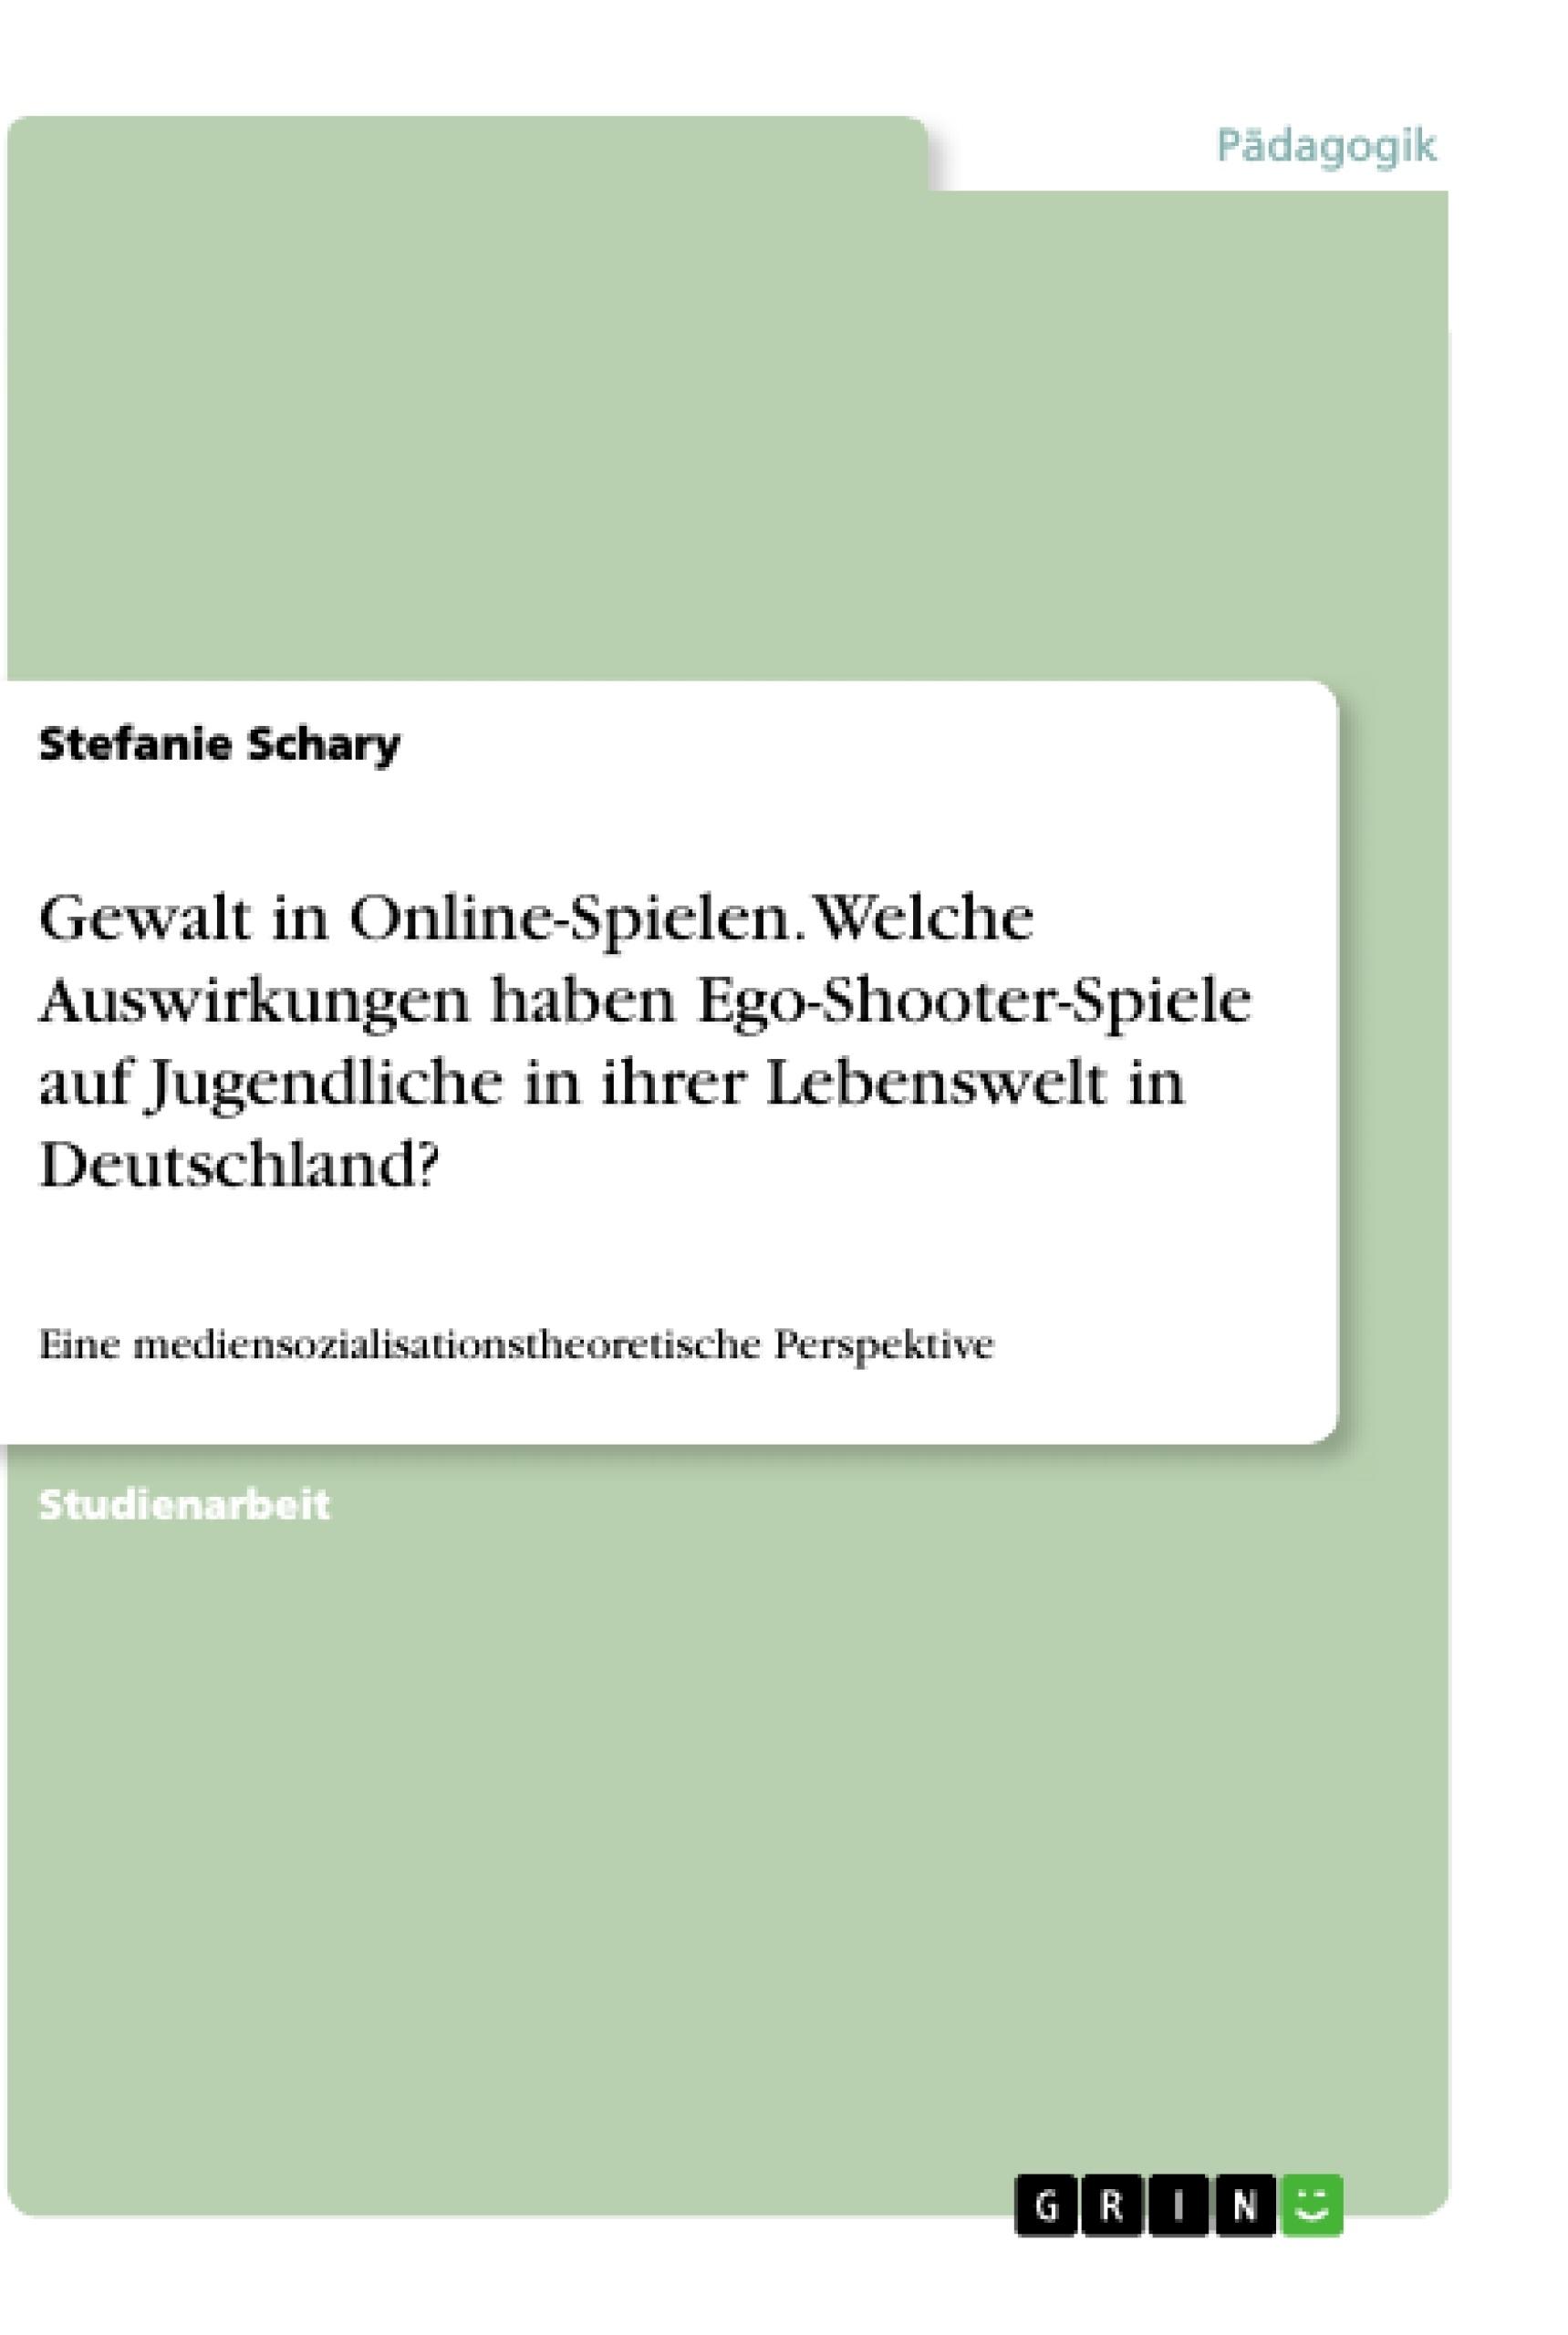 Titel: Gewalt in Online-Spielen. Welche Auswirkungen haben Ego-Shooter-Spiele auf Jugendliche in ihrer Lebenswelt in Deutschland?